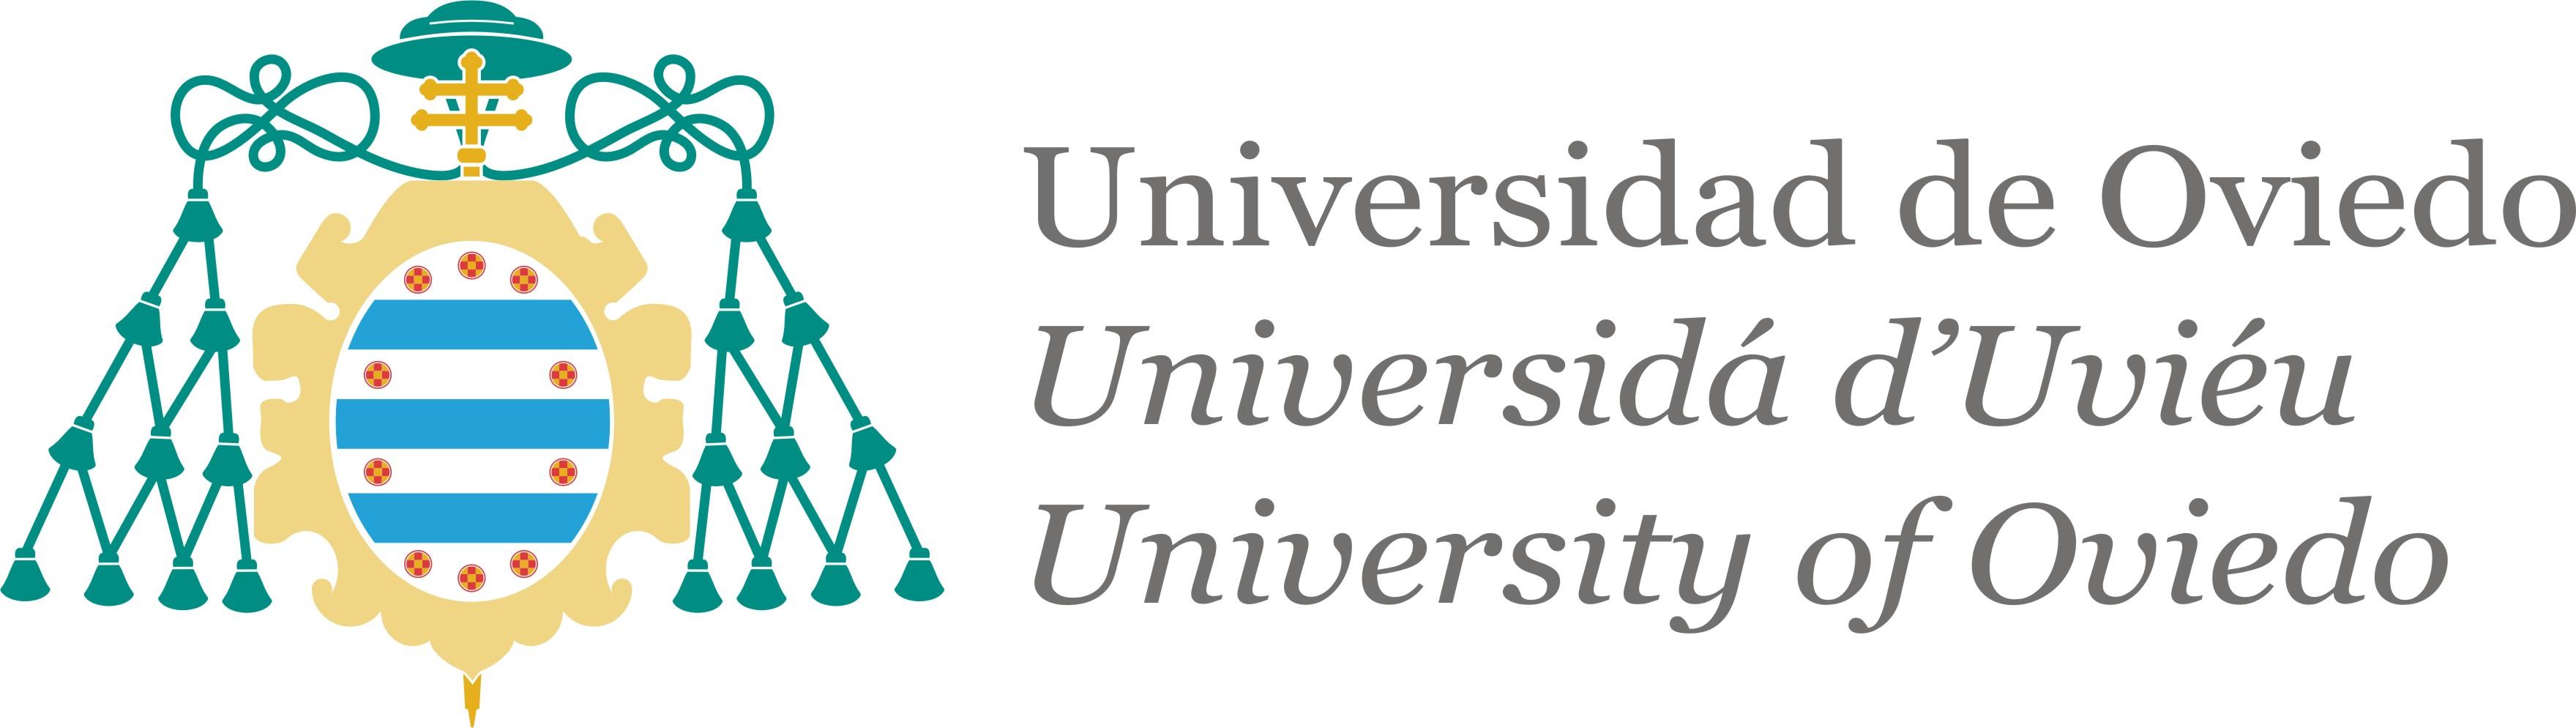 Instituto de Recursos Naturales y Ordenación del Territorio - Curso Luis  Sañudo - Noticias